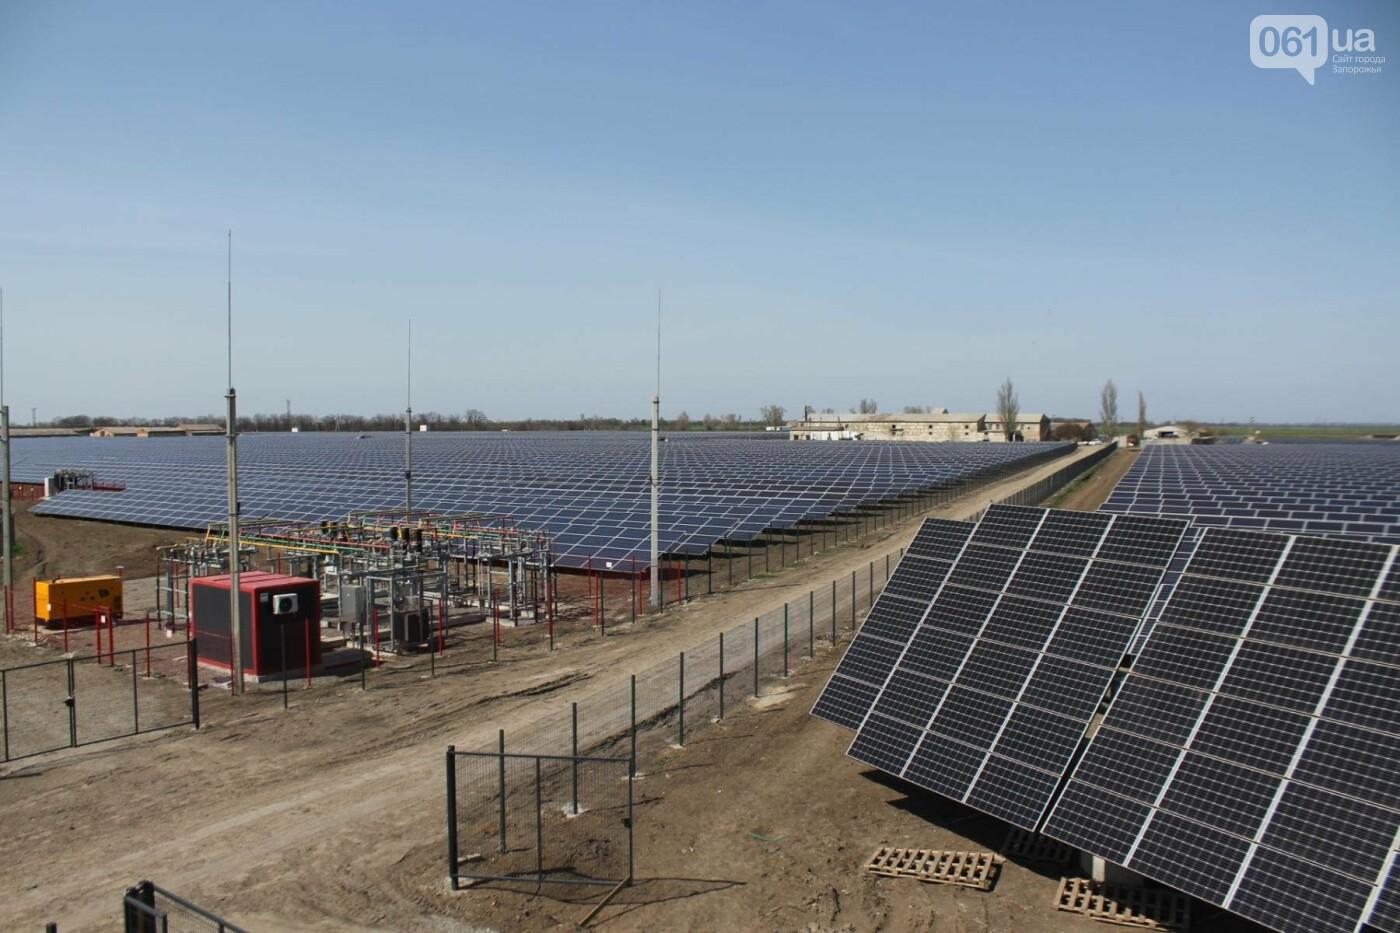 В запорожской громаде на месте свалки построили солнечную электростанцию: как она выглядит, – ФОТОРЕПОРТАЖ, фото-10